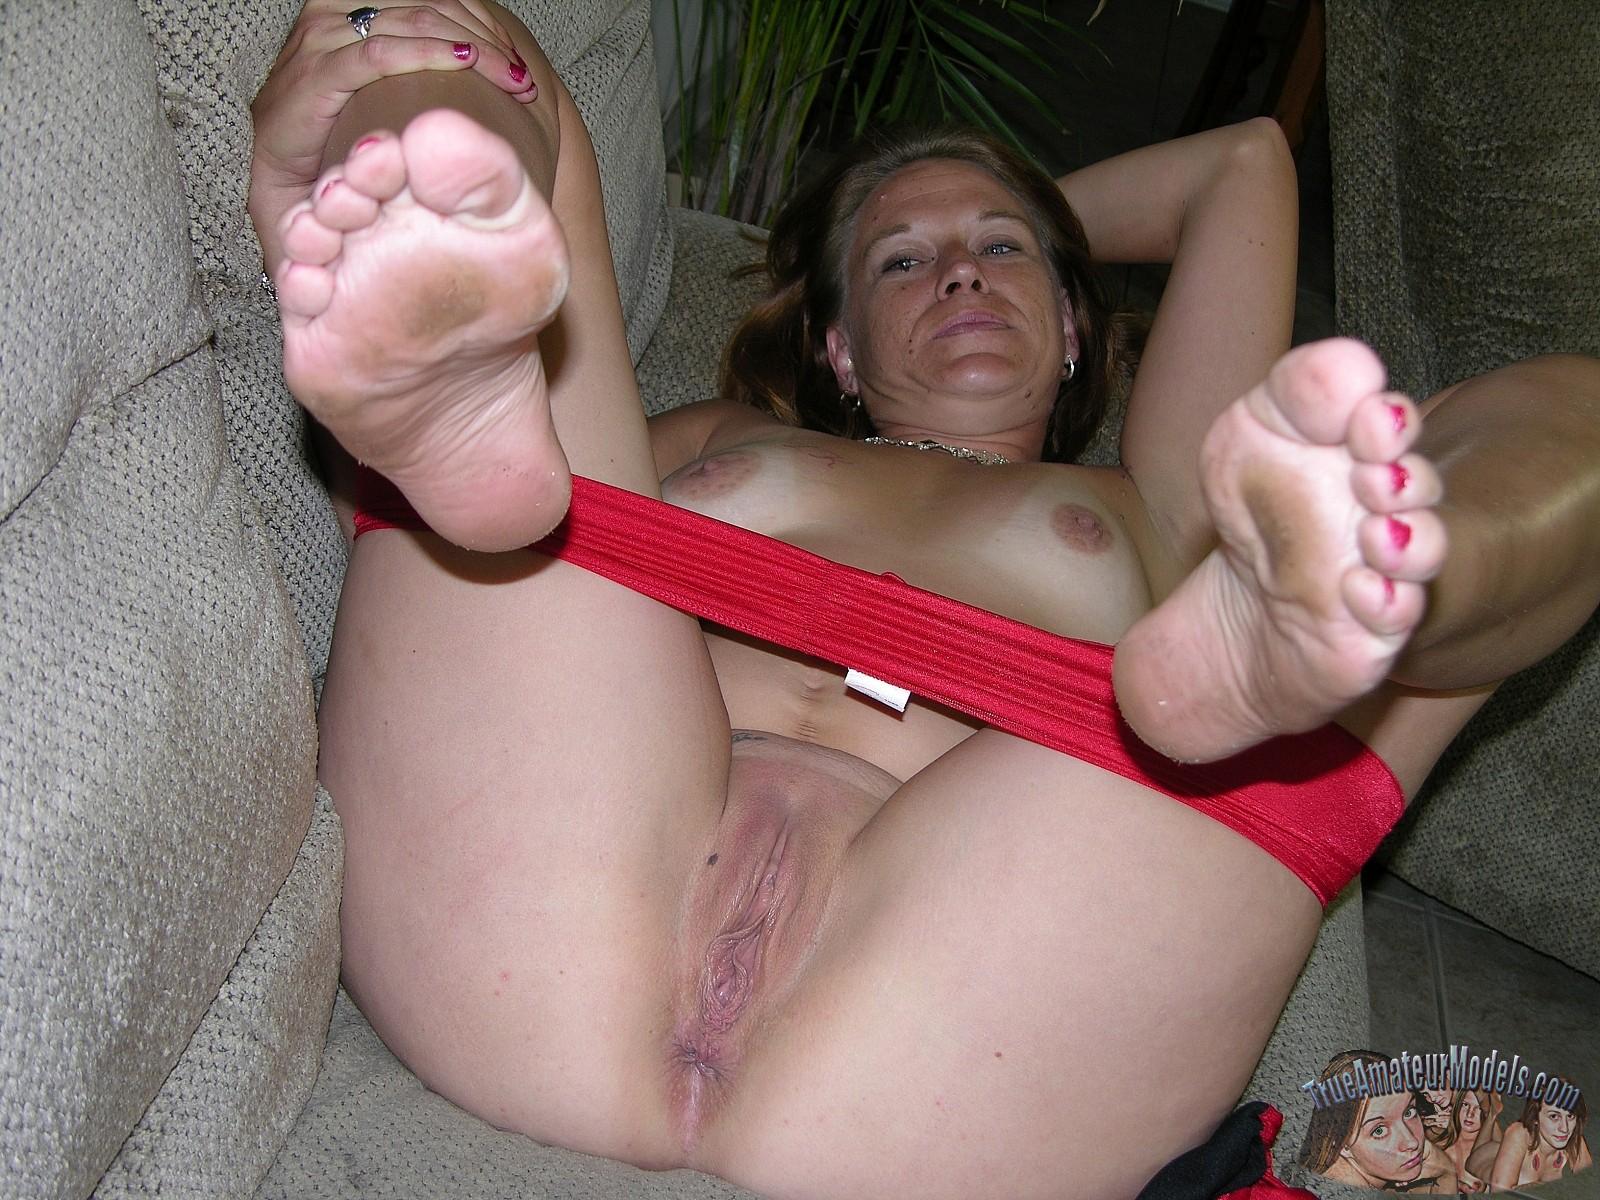 Mature amateur babes feet